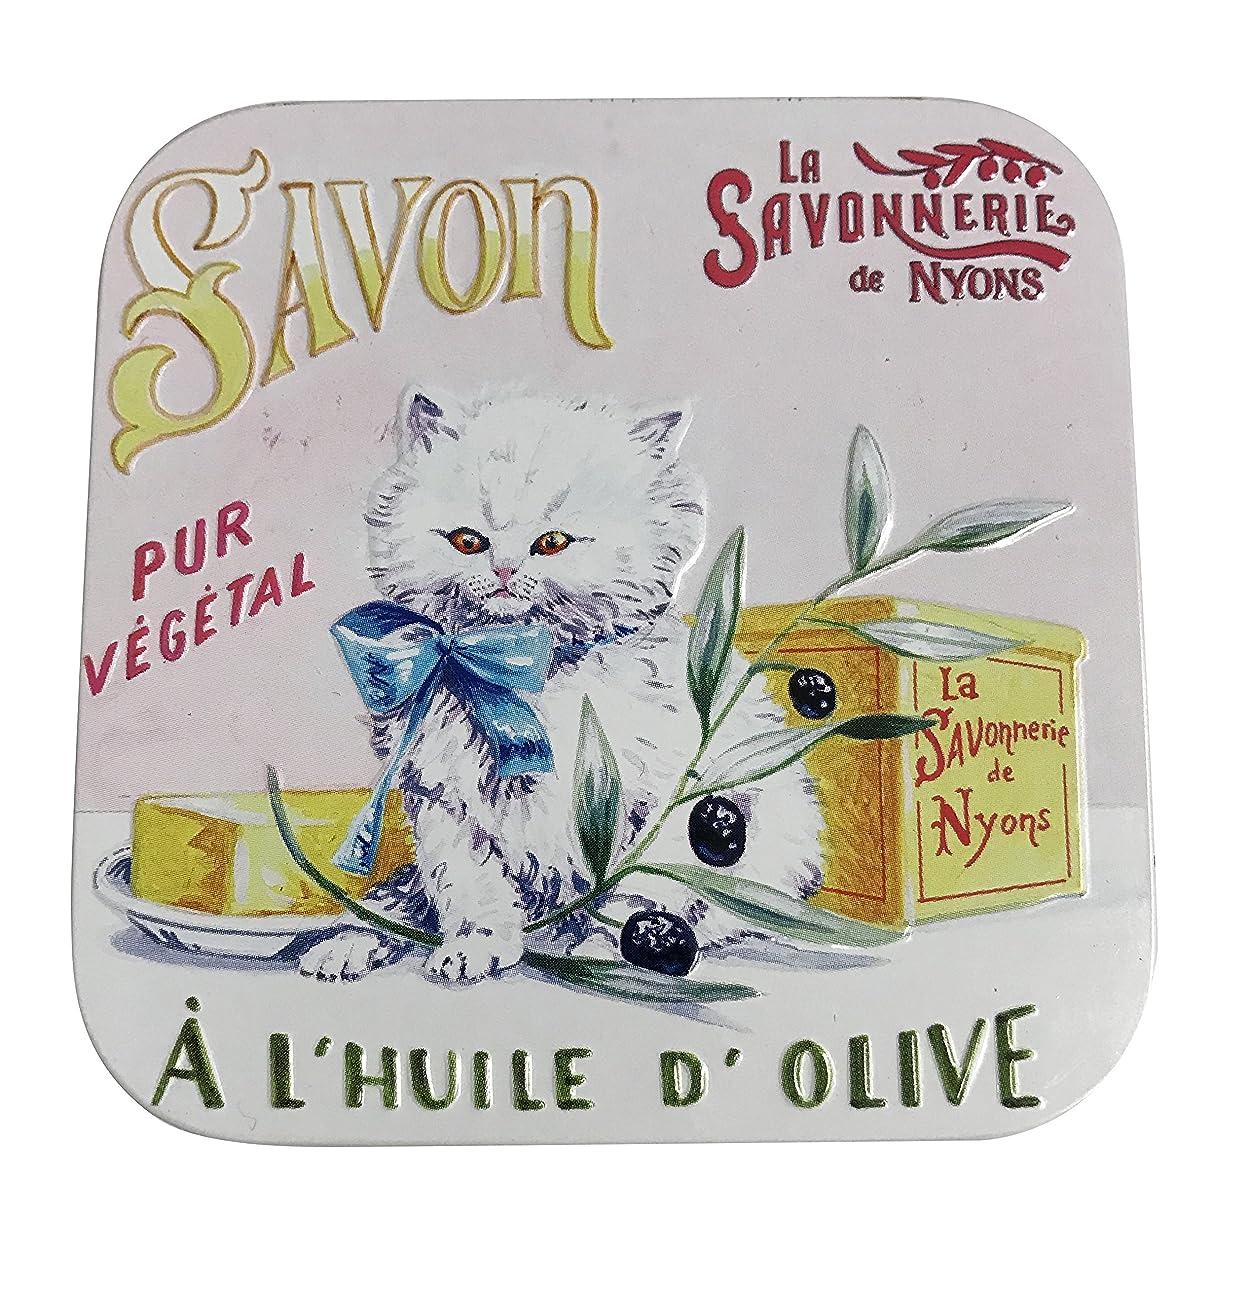 生松上ラ?サボネリー アンティーク缶入り石鹸 タイプ100 ペルシャ子猫(コットンフラワー)